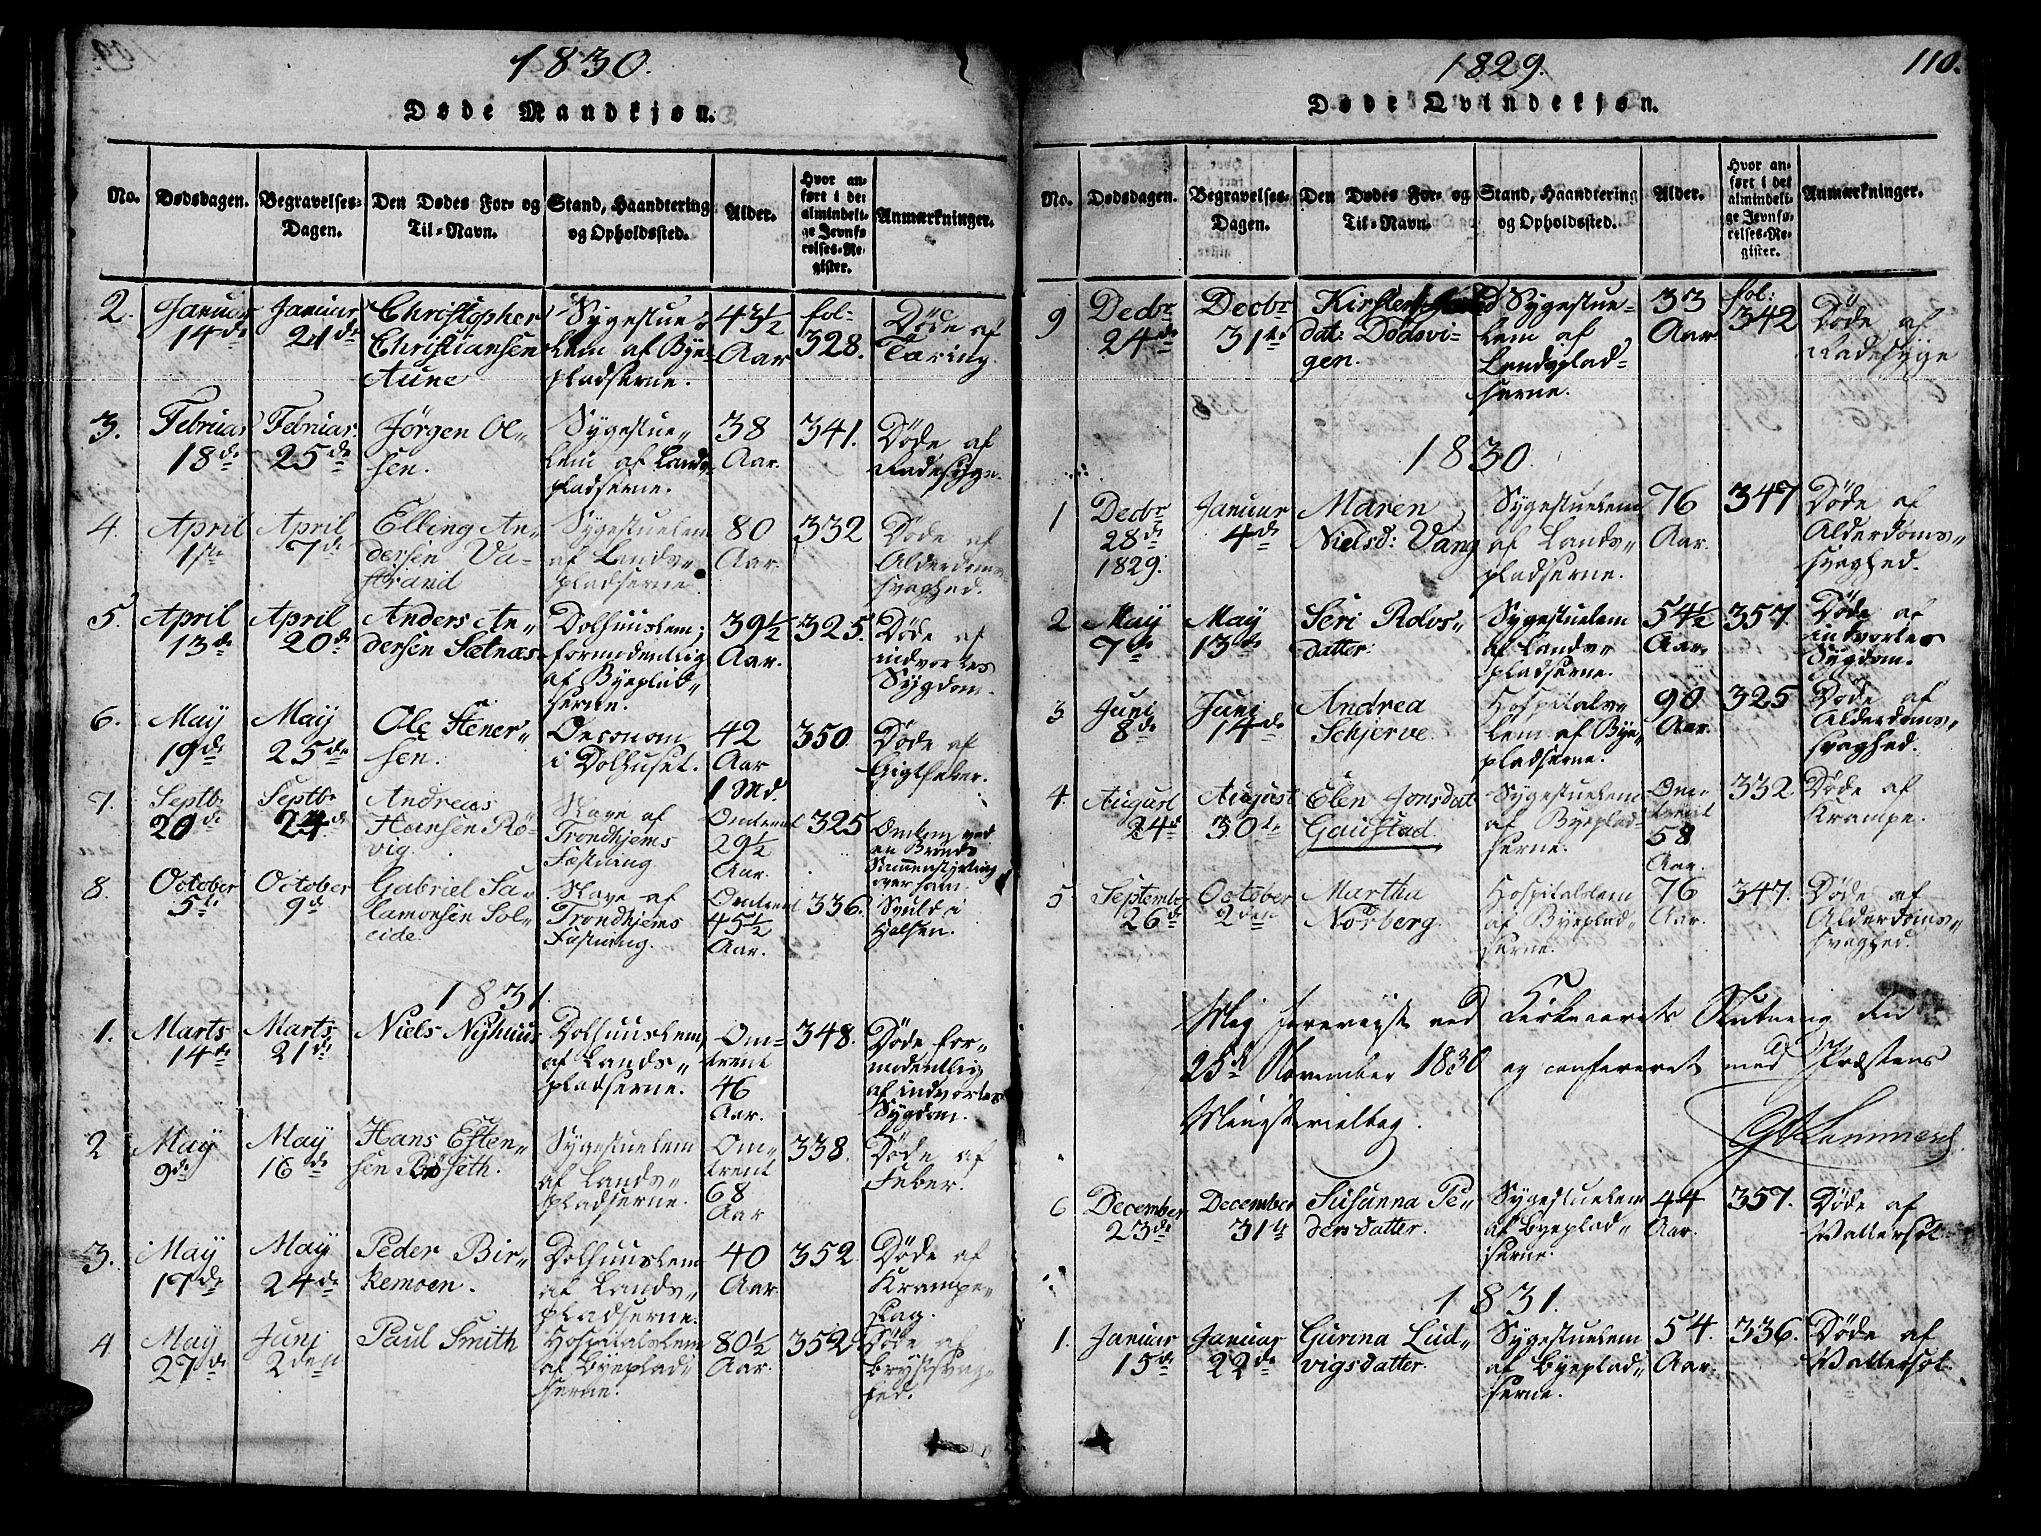 SAT, Ministerialprotokoller, klokkerbøker og fødselsregistre - Sør-Trøndelag, 623/L0478: Klokkerbok nr. 623C01, 1815-1873, s. 110